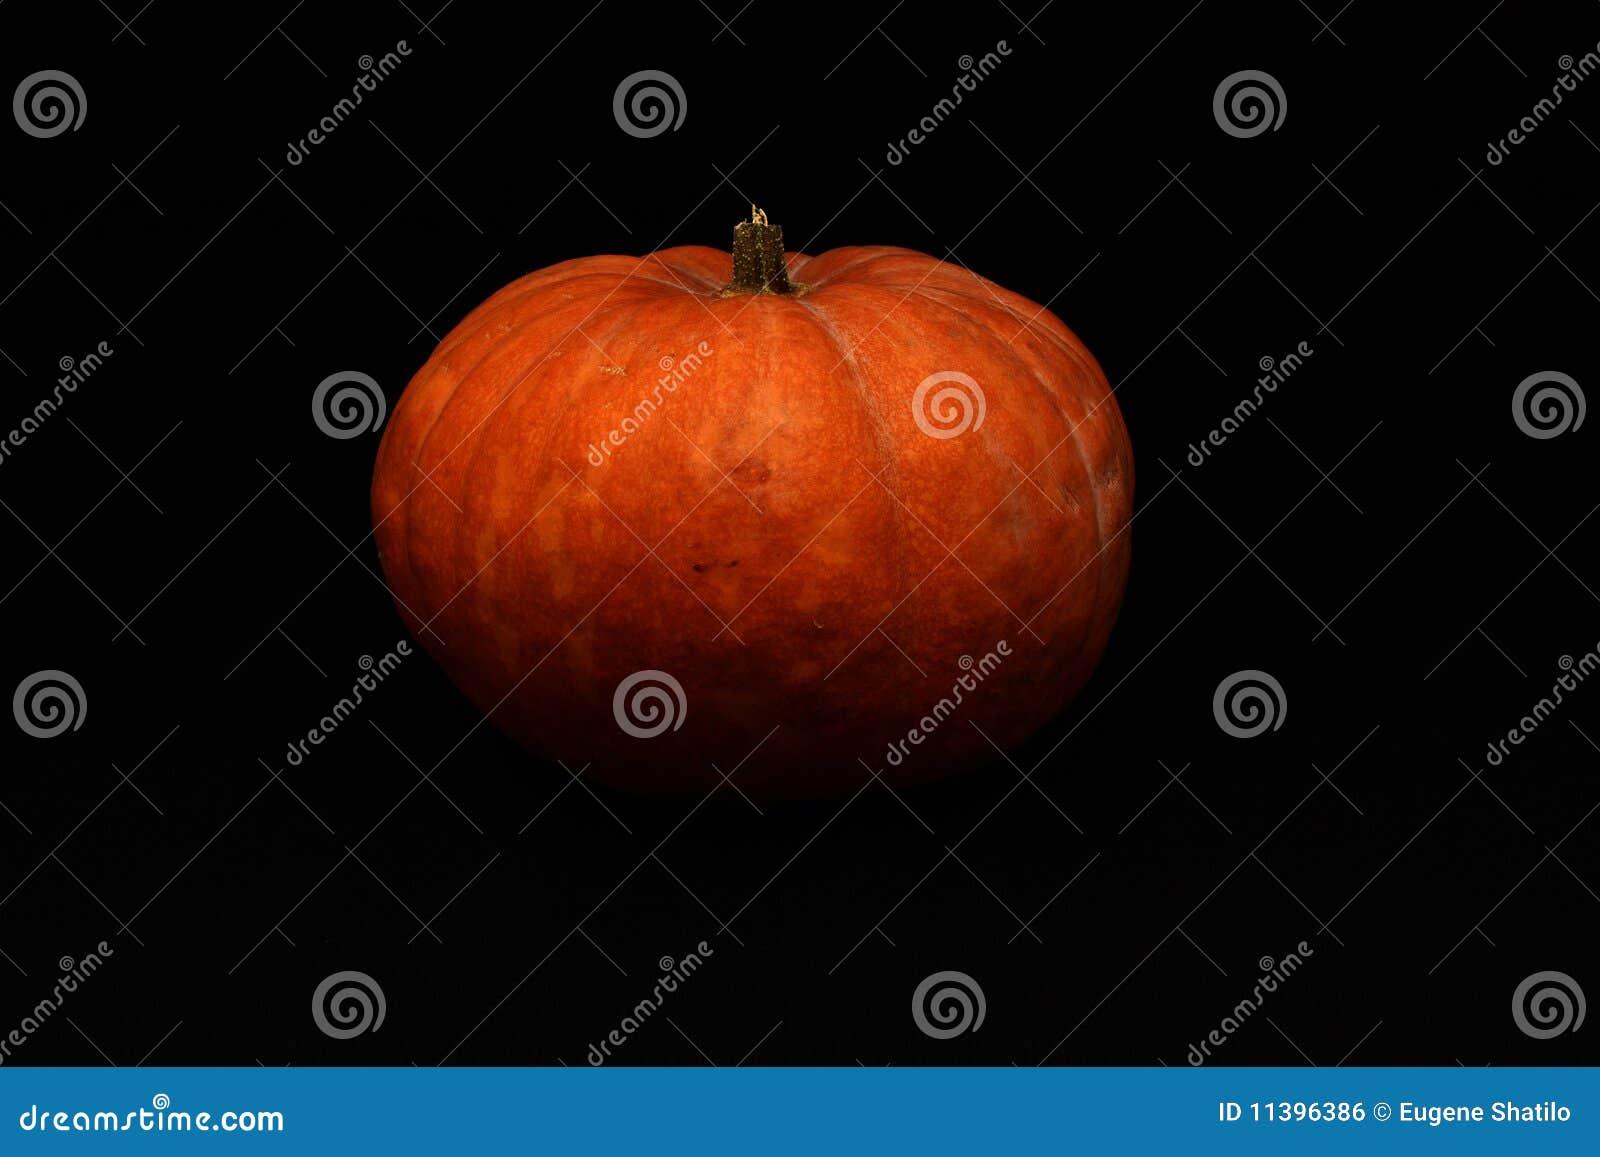 Abóbora de Halloween no fundo escuro